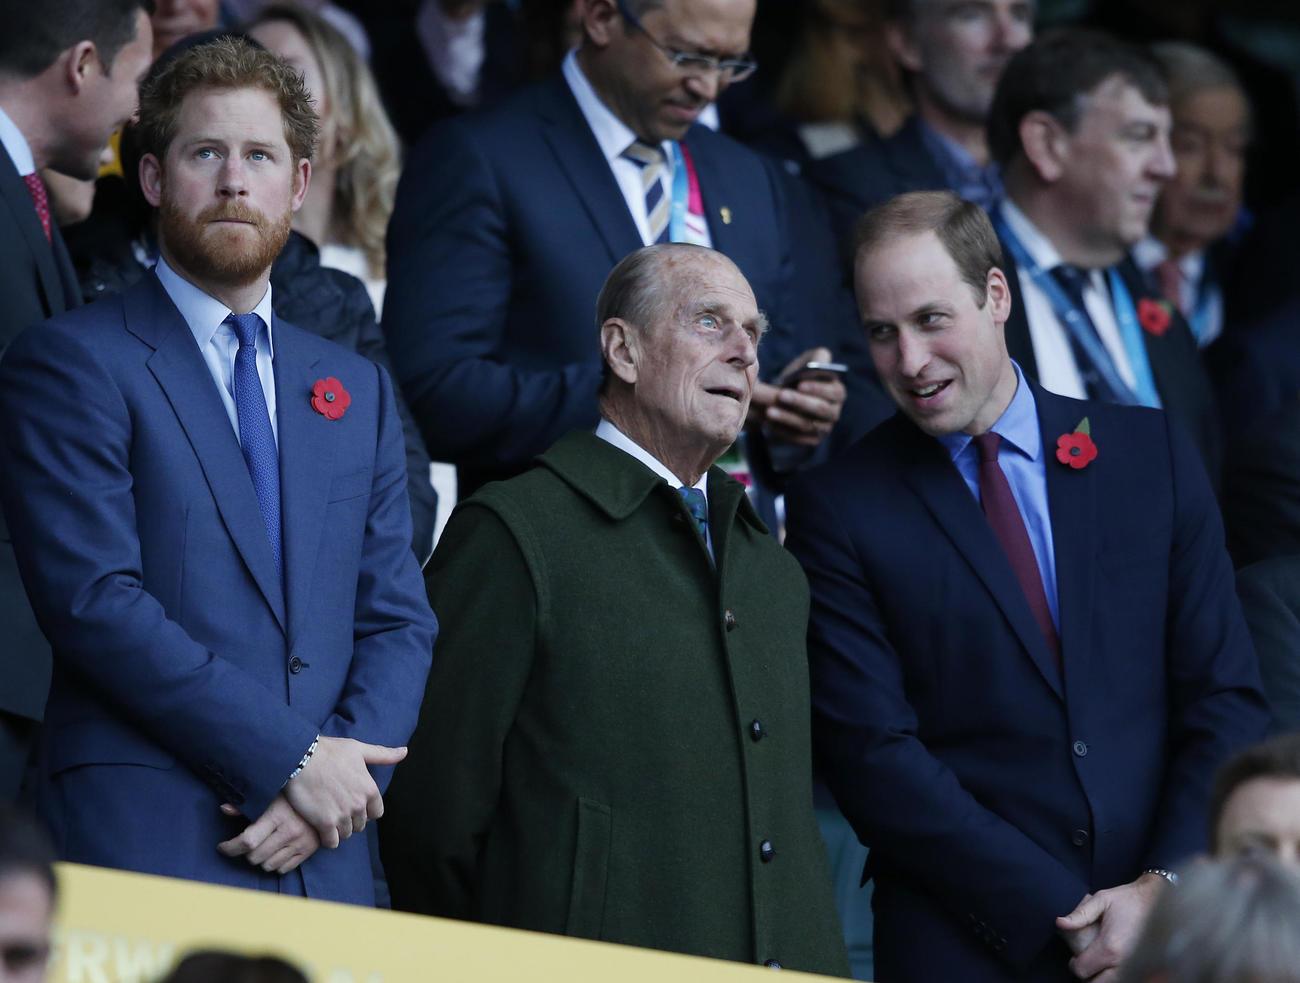 15年、ラグビーW杯決勝を観戦するフィリップ殿下(中央)。左はヘンリー王子、右はウィリアム王子(AP)